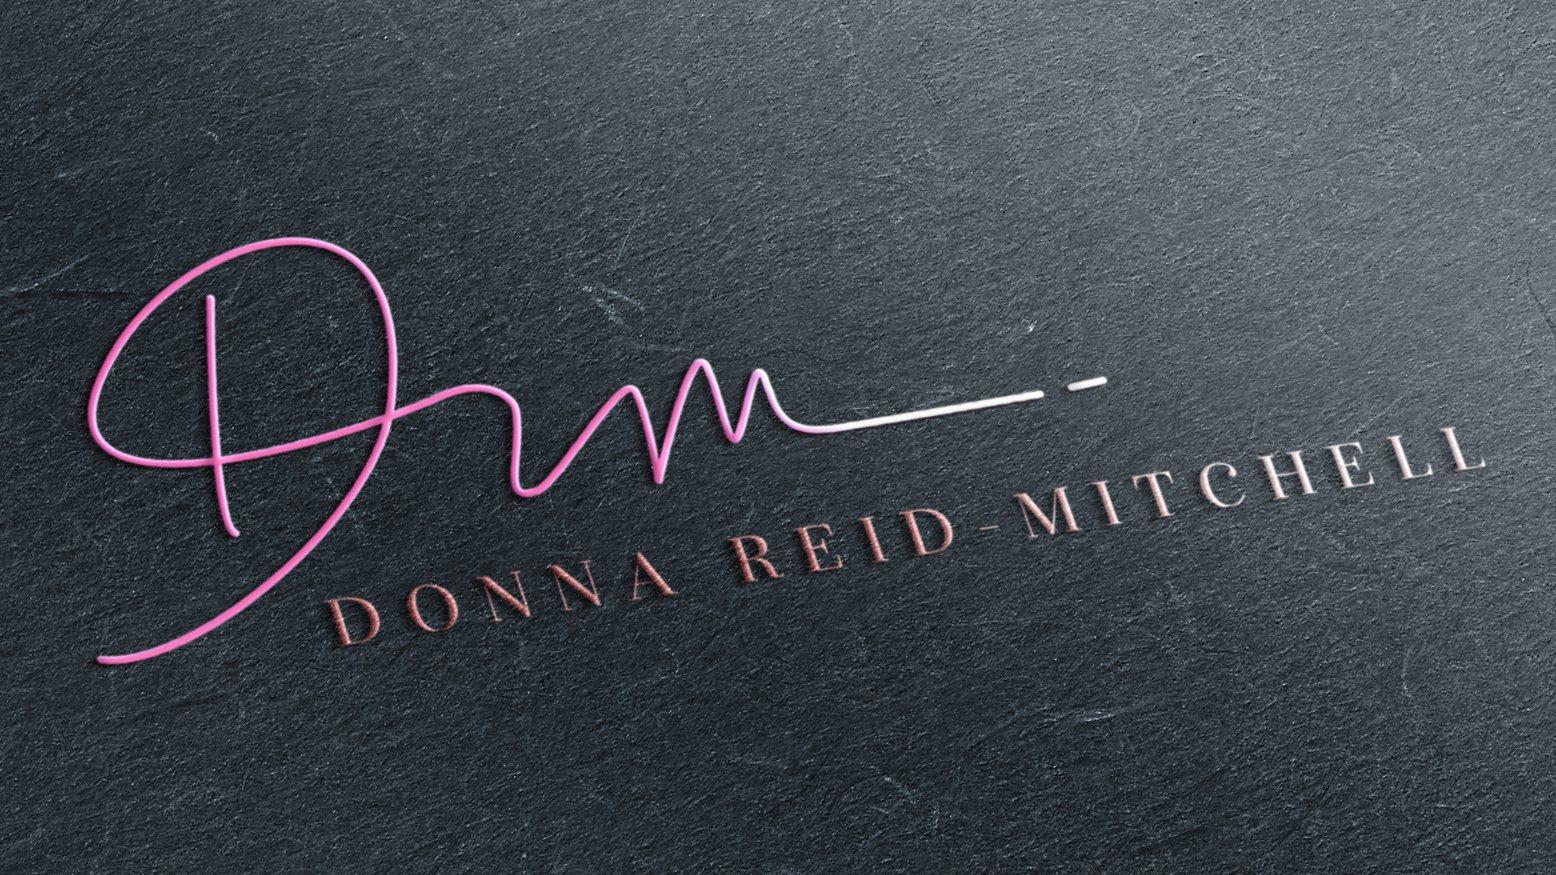 logo design, donna reid mitchell, branding